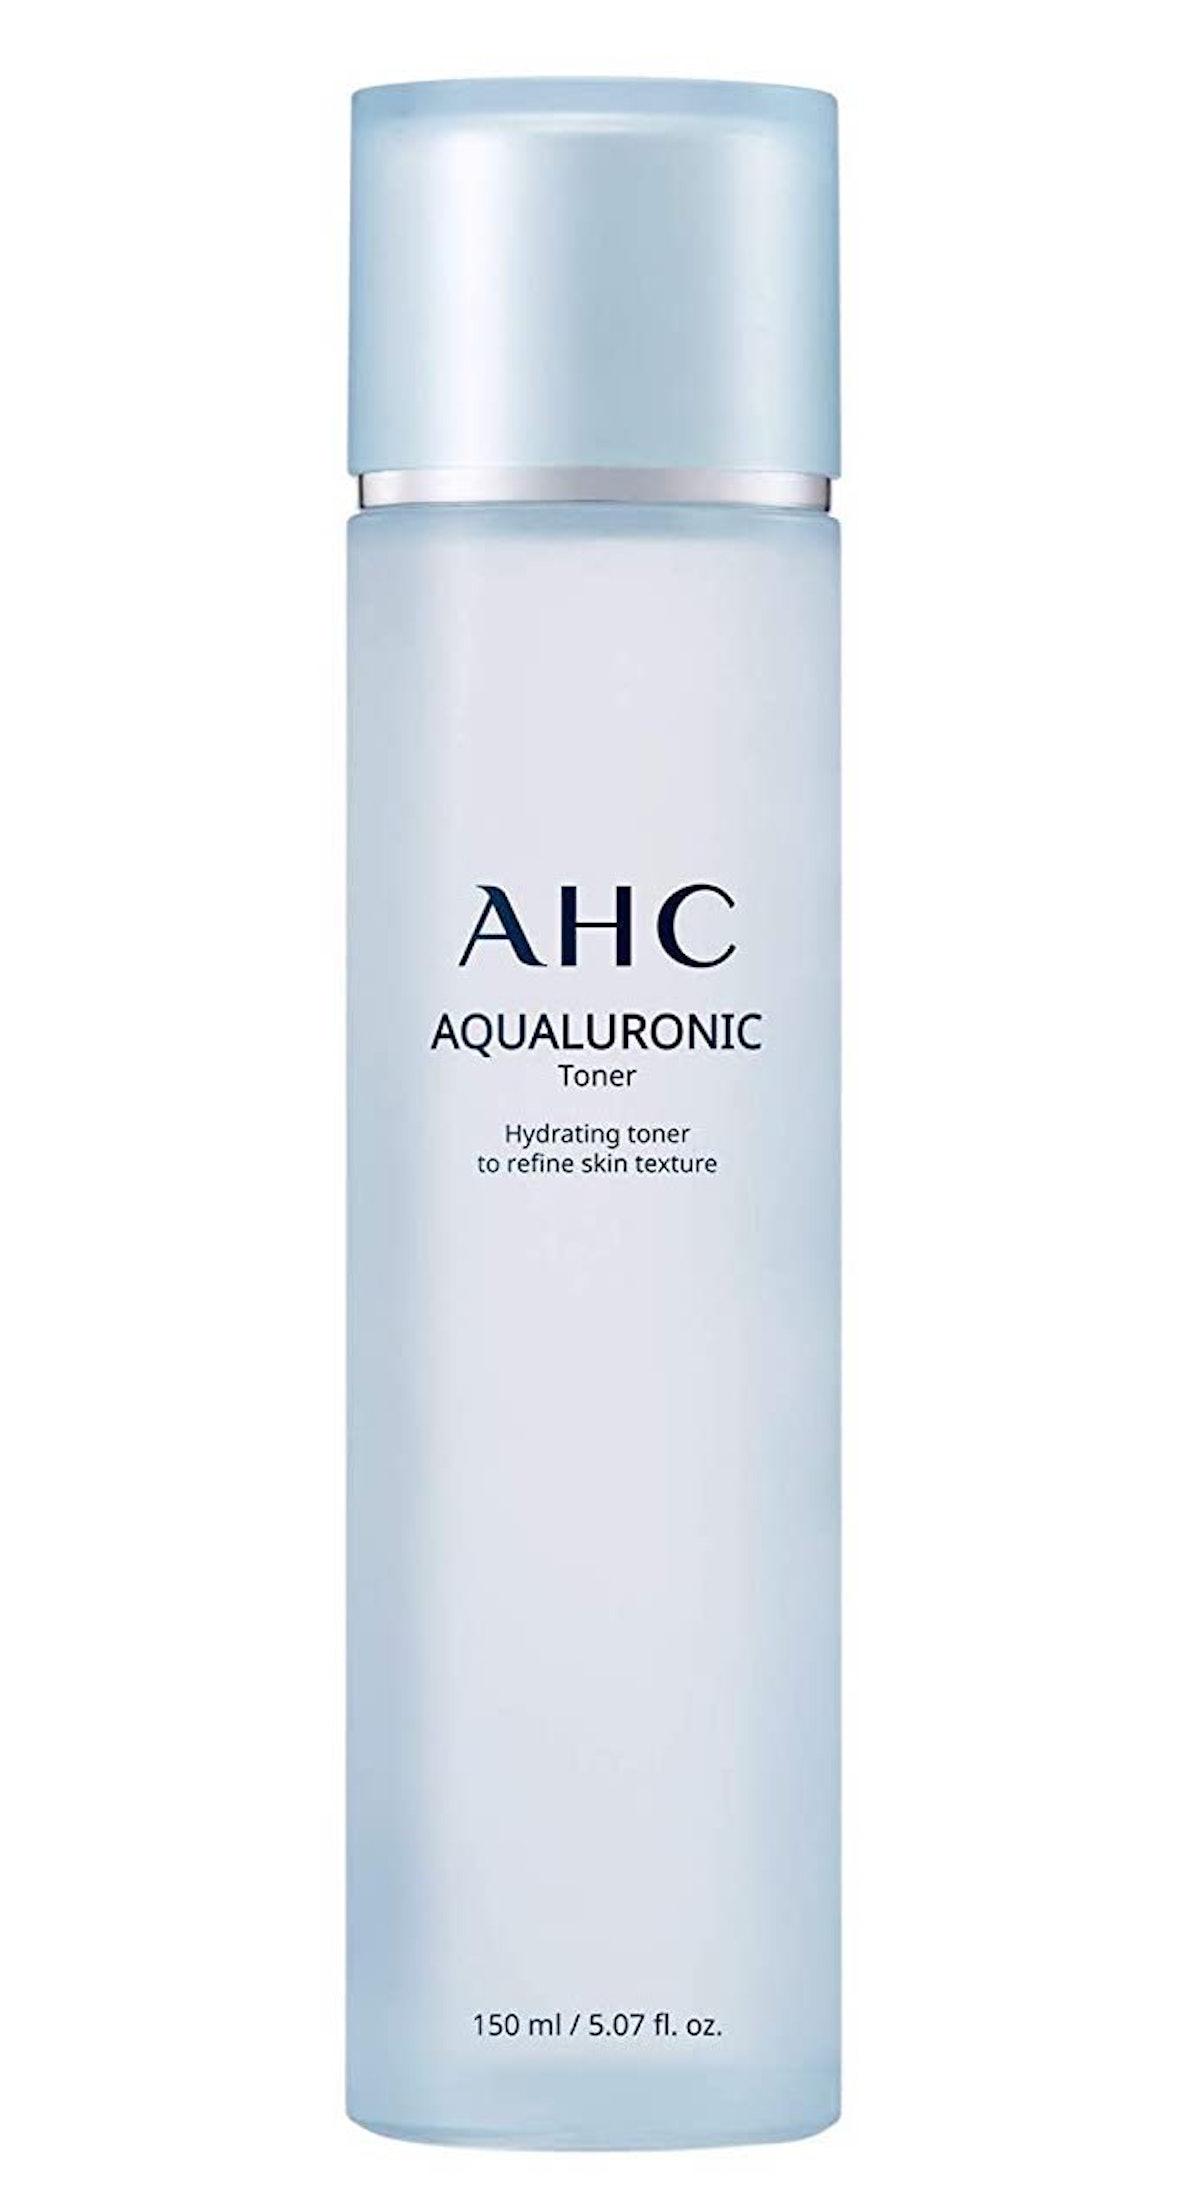 AHC Aqualauronic Toner